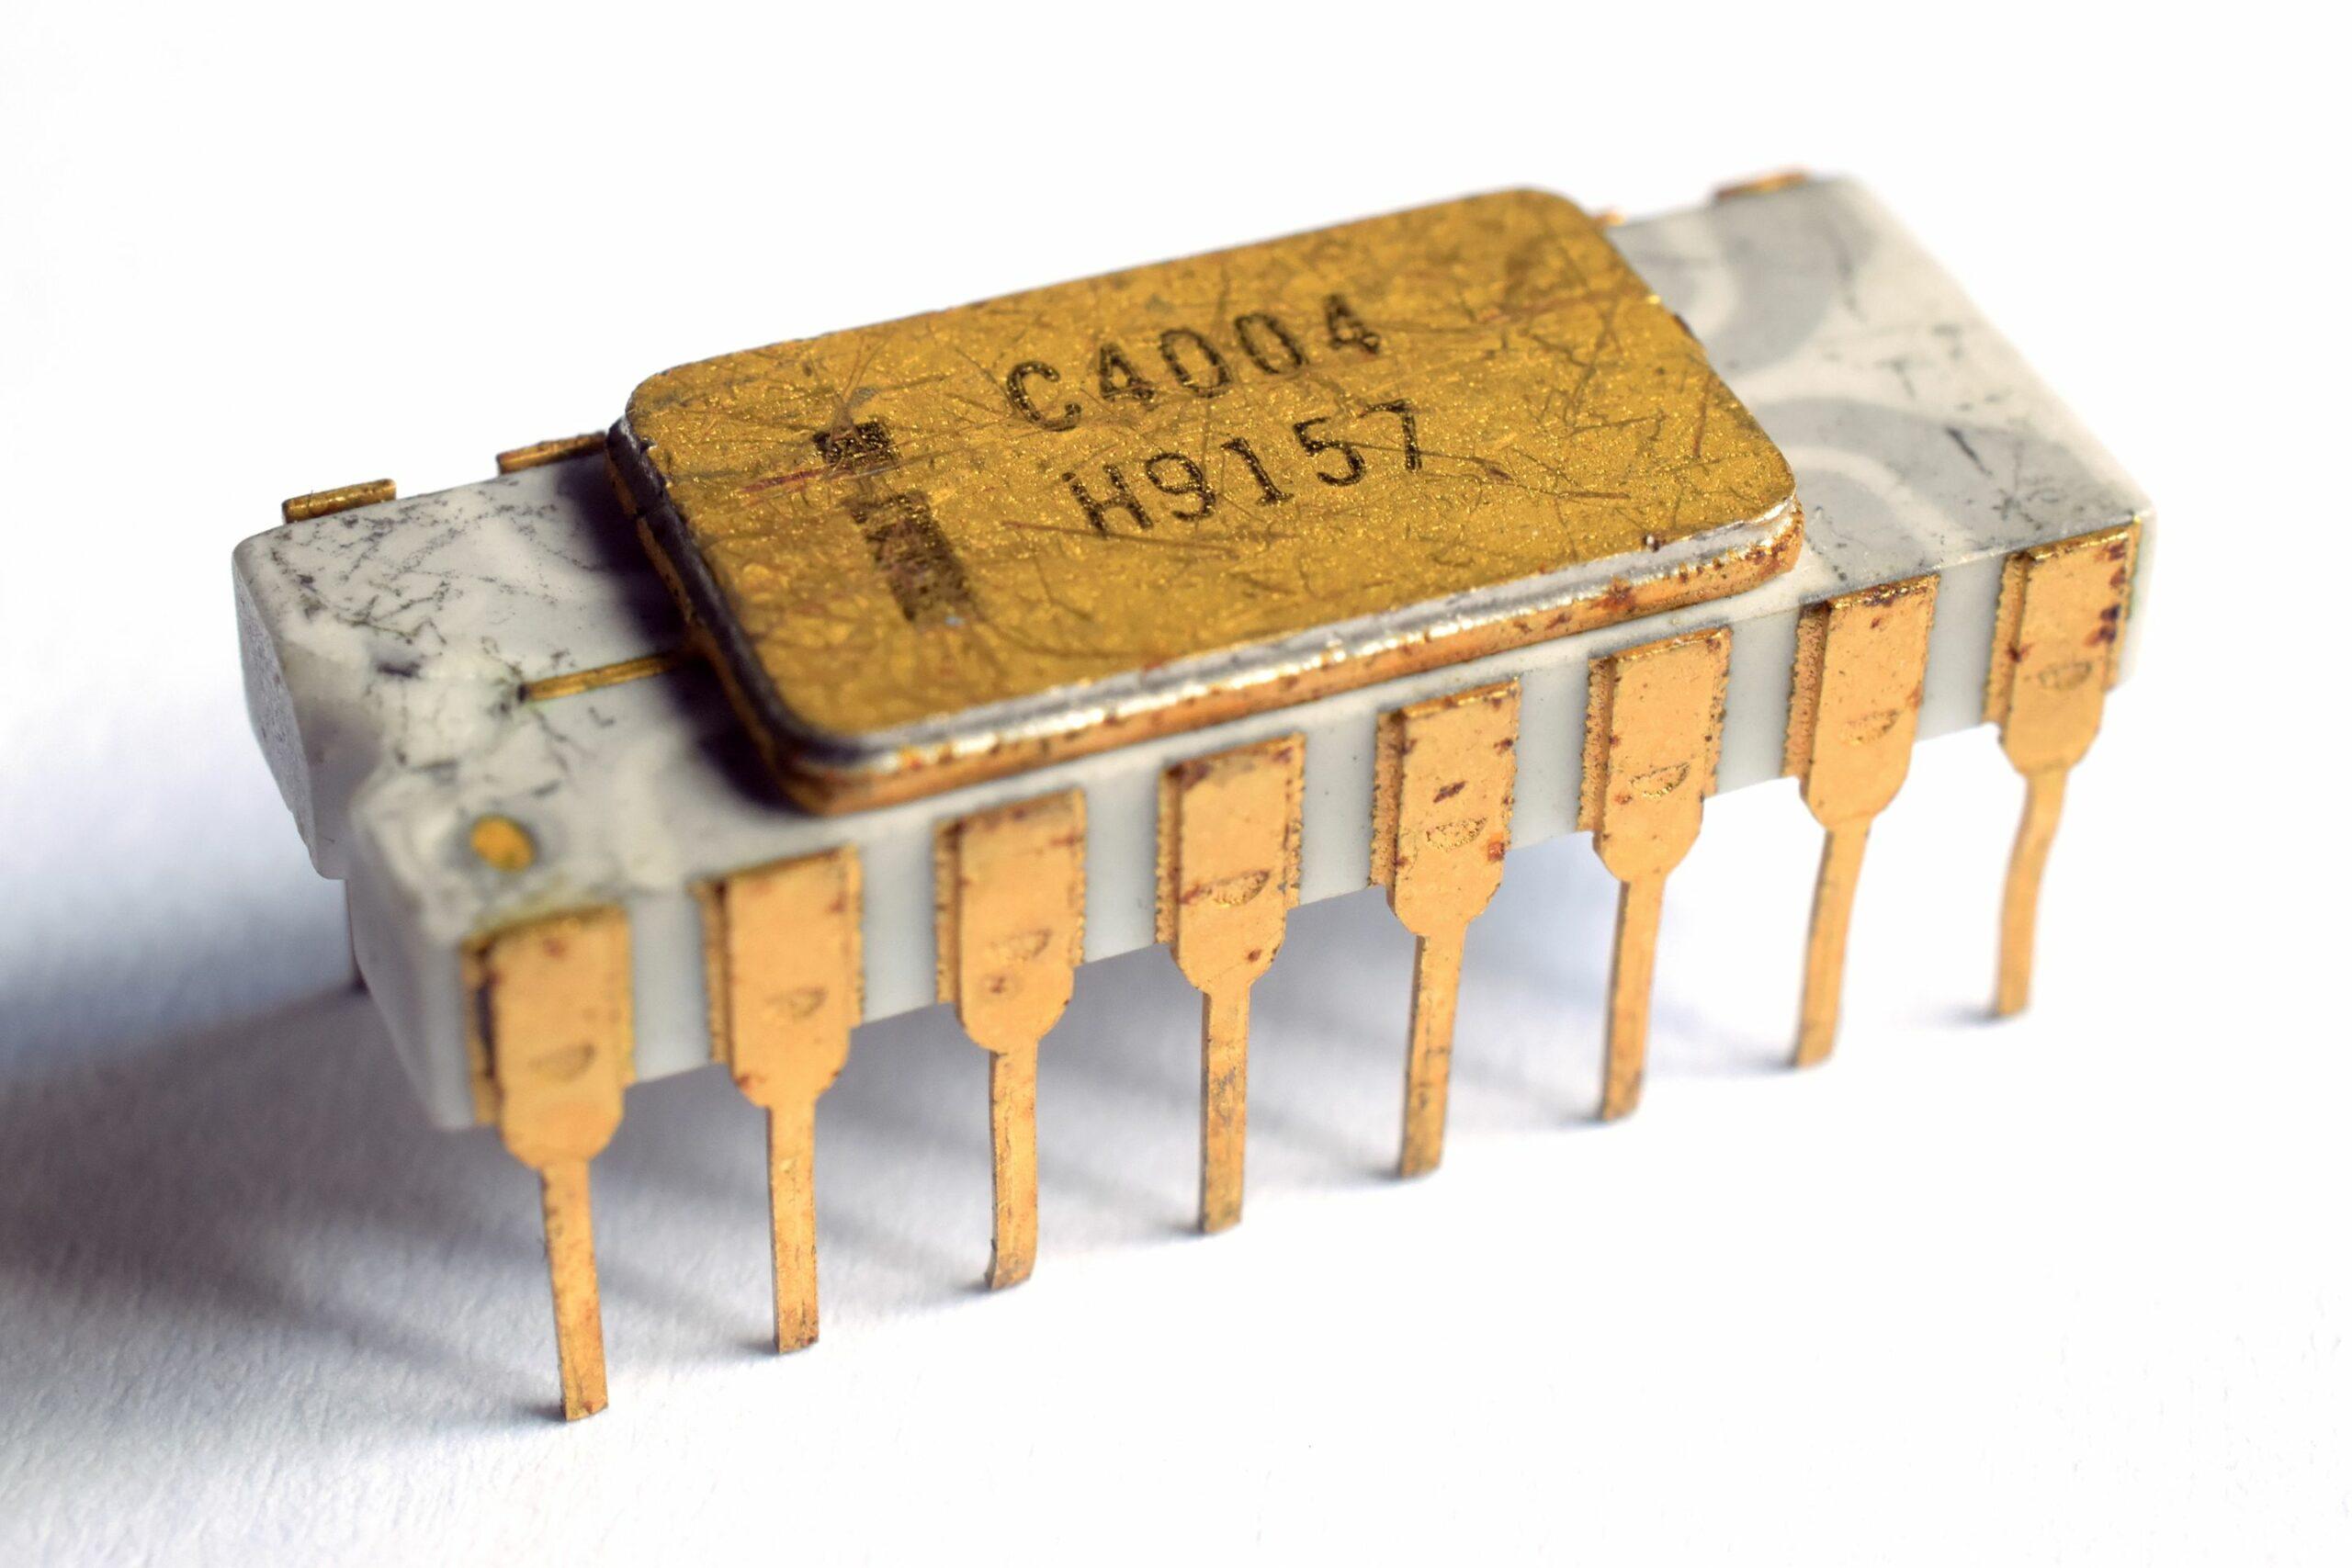 Un microprocesseur Intel 4004 dans son boîtier broché en céramique. Source: Thomas Nguyen Wikipedia Intel 4004